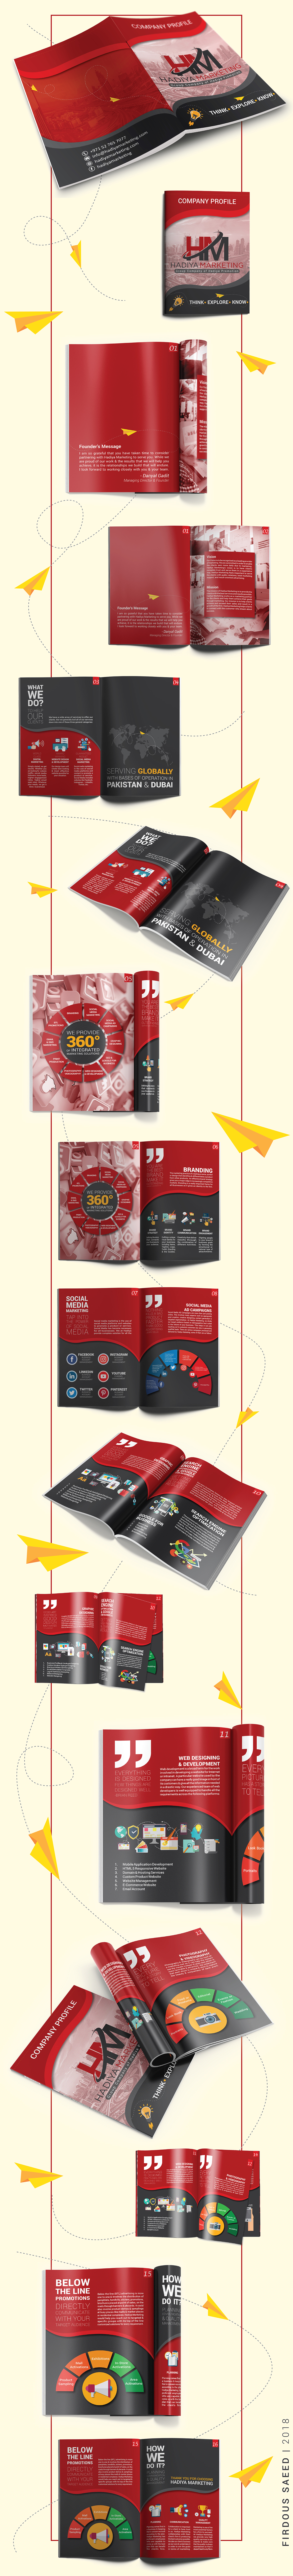 Company Profile 2018 by FS - The Creative